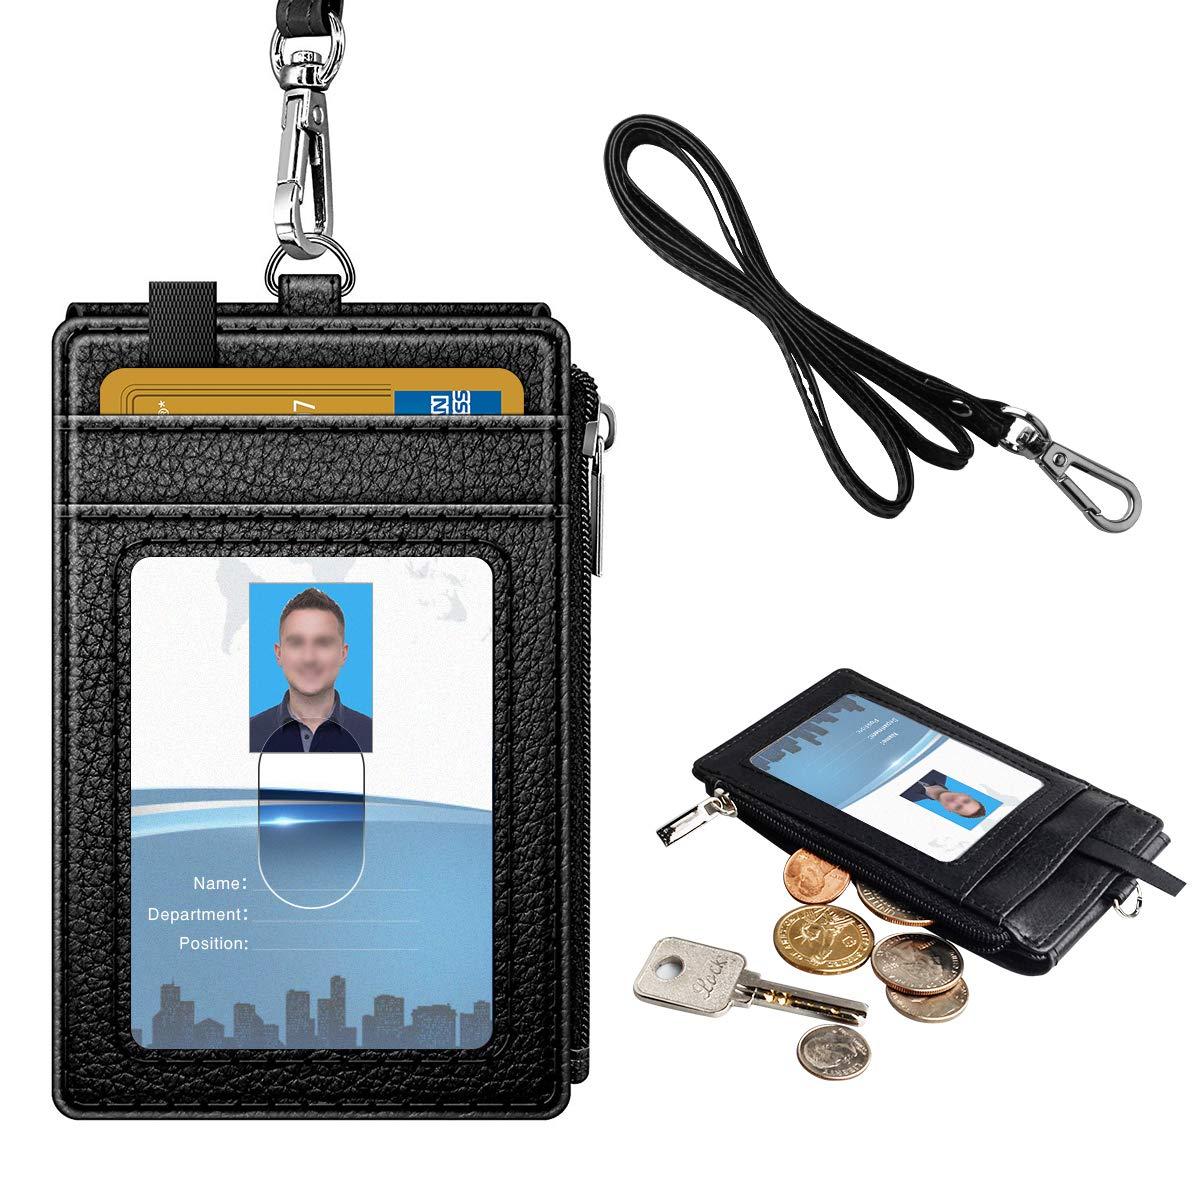 Cou ID support pour homme ou femme Coolrunner Lot de 6/2/C/ôt/és Cuir PU vertical Business Tour de cou pour carte Black Badge didentification Nom Cartes de visite 1 Pack pour badge avec lani/ère